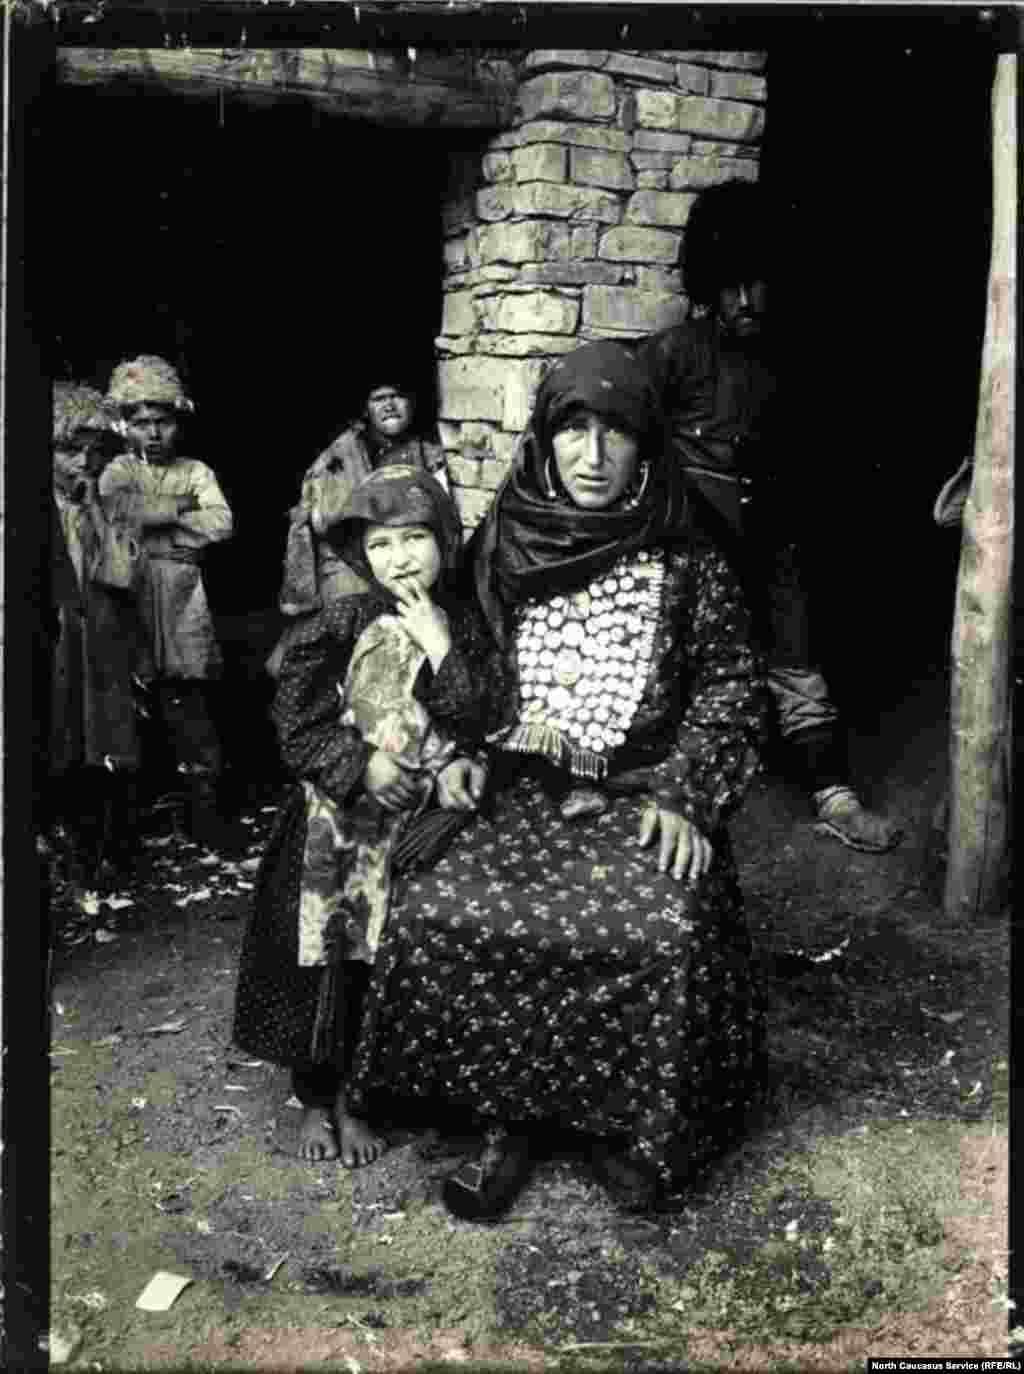 Традиционным элементом женского костюма народов южного Дагестана был нагрудник, украшенный рядами монет. Кроме того, на такой нагрудник могли быть нашиты бусины, бляхи, застежки и подвески, а также амулеты. Такое украшение было элементом праздничного, как правило свадебного костюма.